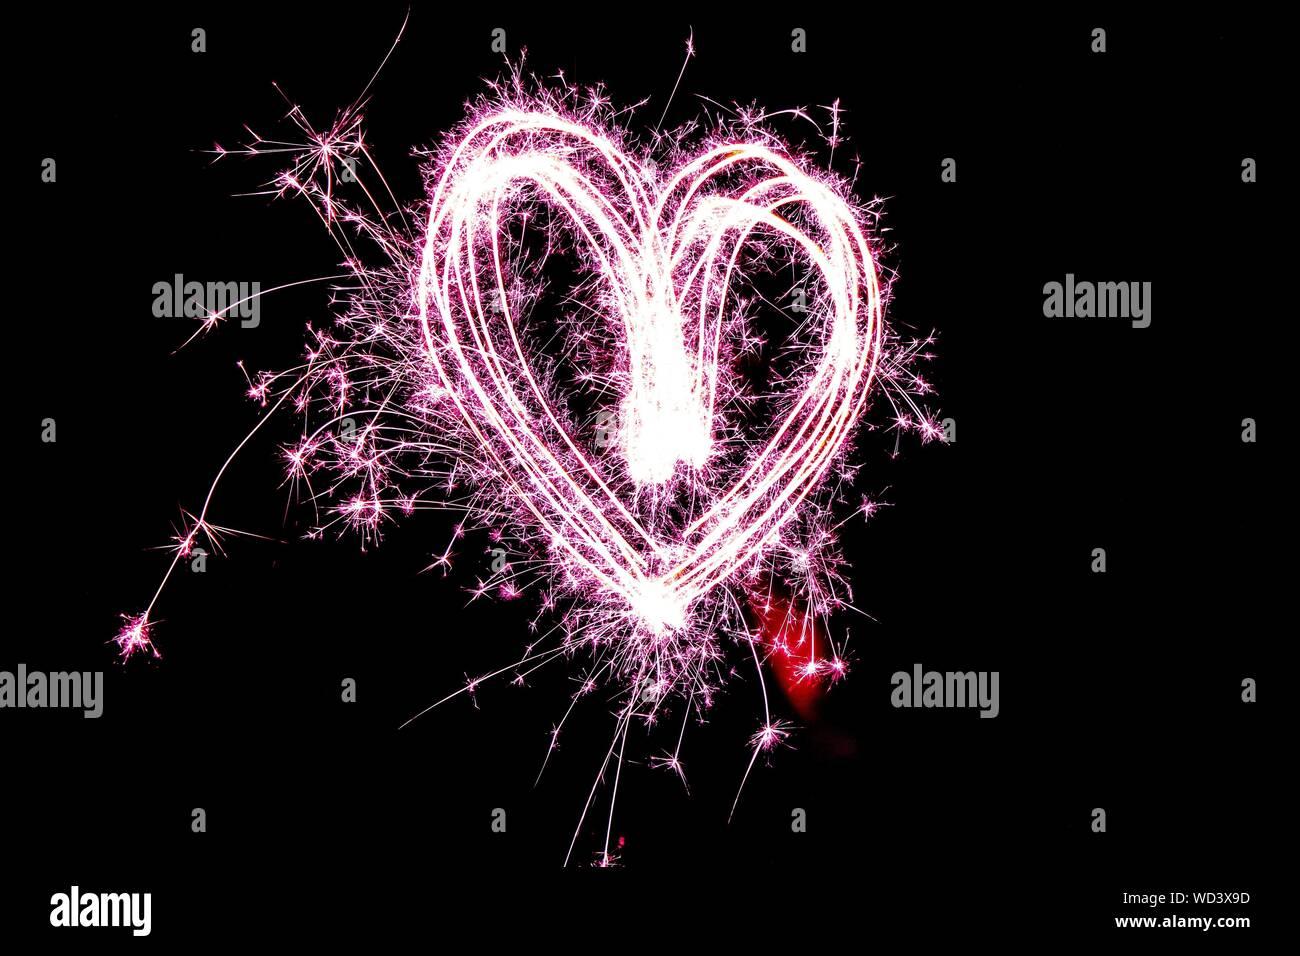 D'artifice en forme de coeur dans la nuit Banque D'Images